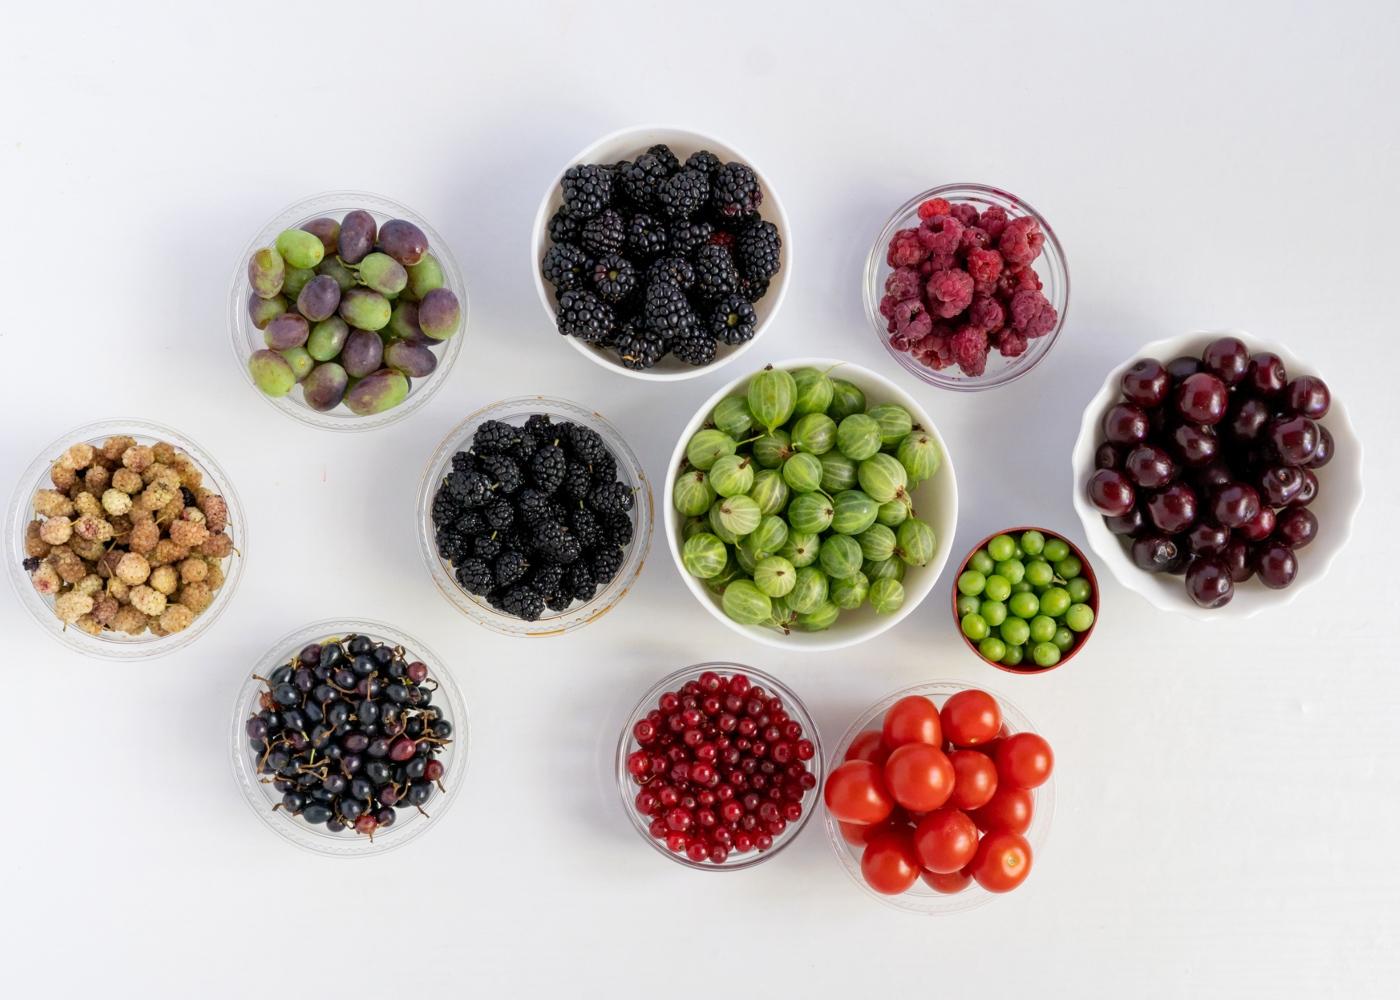 Alimentos com propriedades anti-inflamatórias: bagas